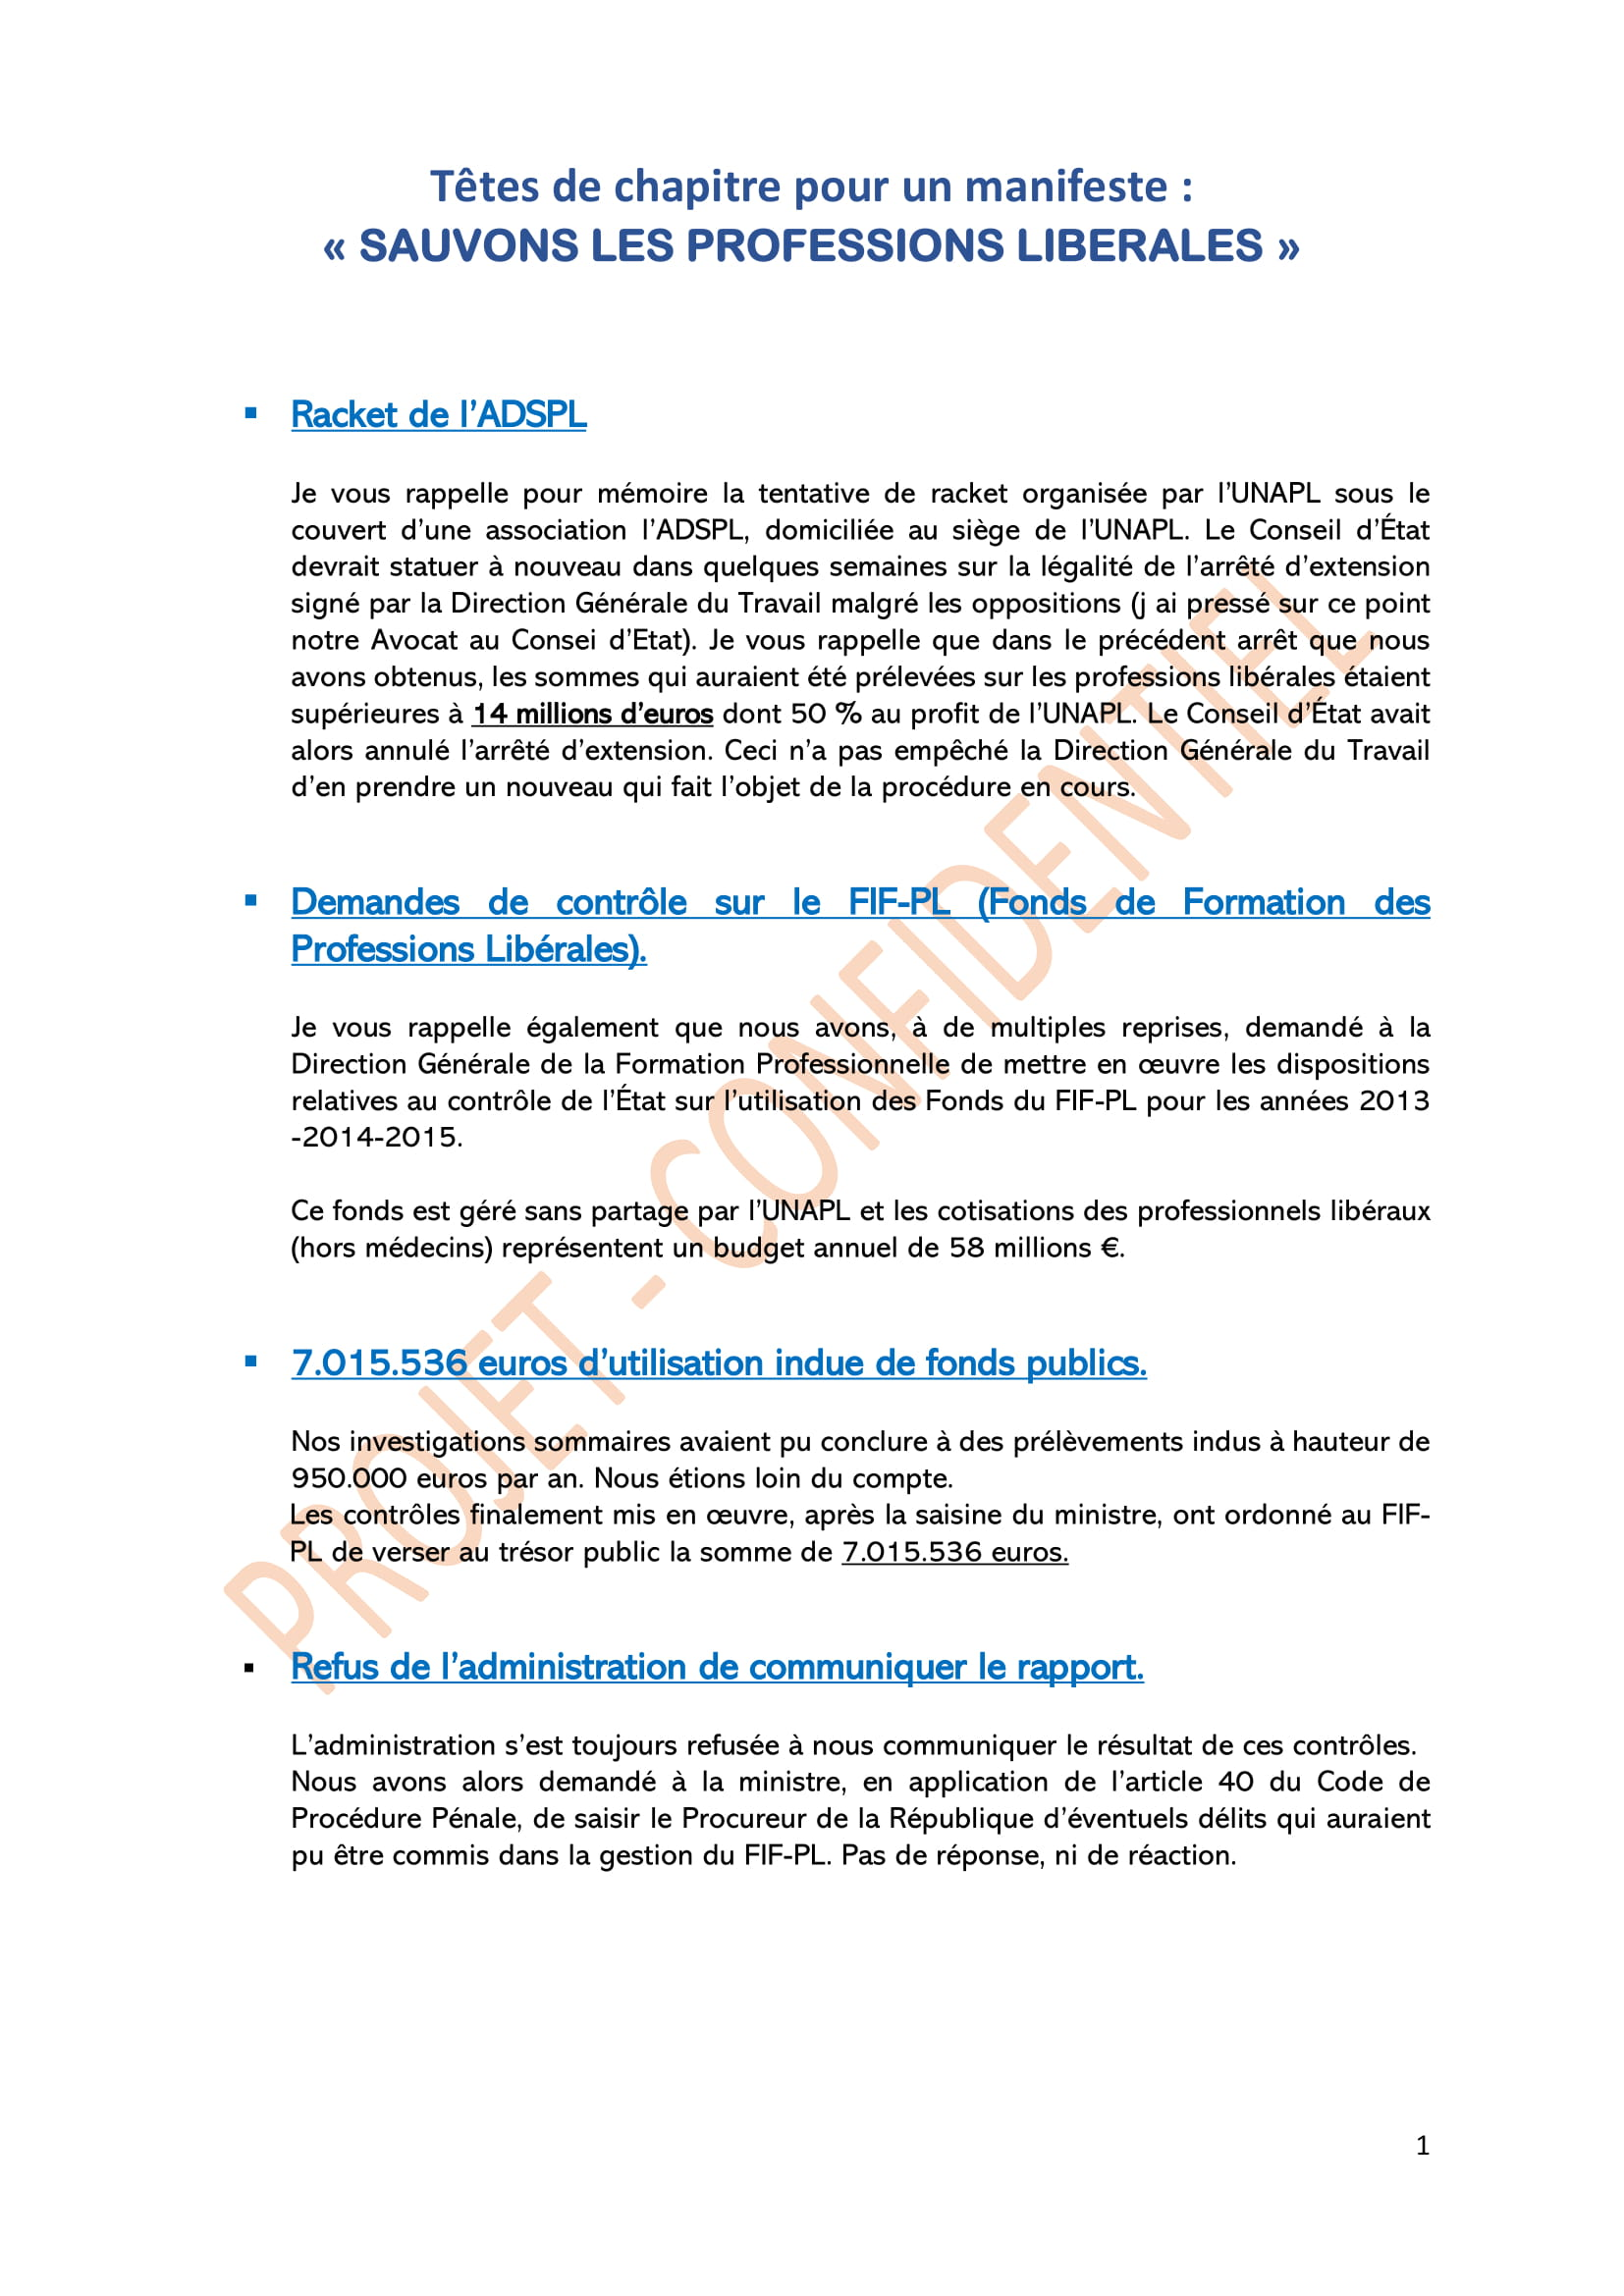 2019-08 -TETES DE CHAPITRE SAUVONS LES PL -1.jpg